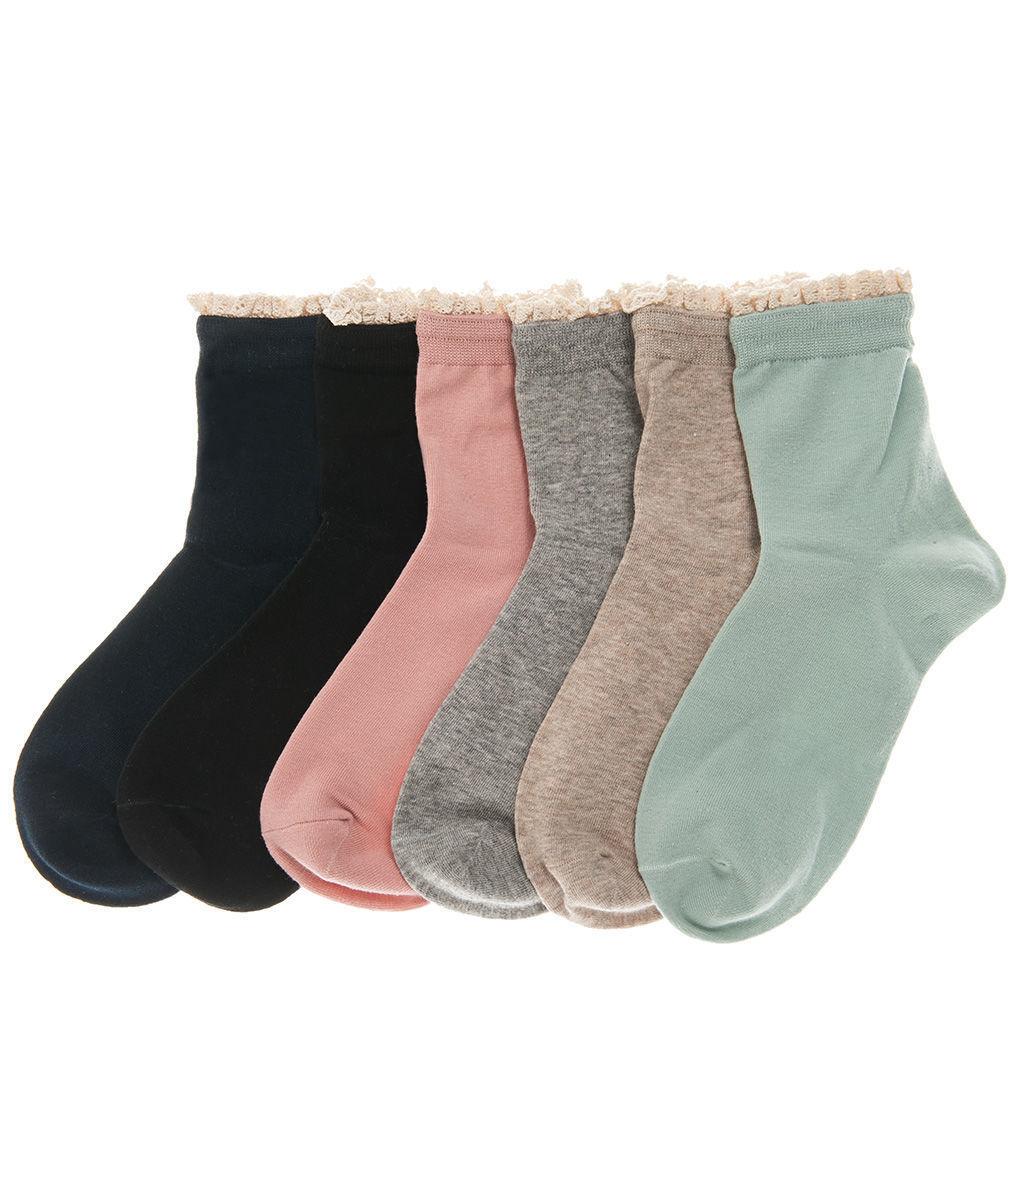 Γυναικεία   Ρούχα   Εσώρουχα   Κάλτσες   ΟΛΟΣΩΜΟ ΜΑΓΙΟ TRIUMPH ... 4472e97f2c0